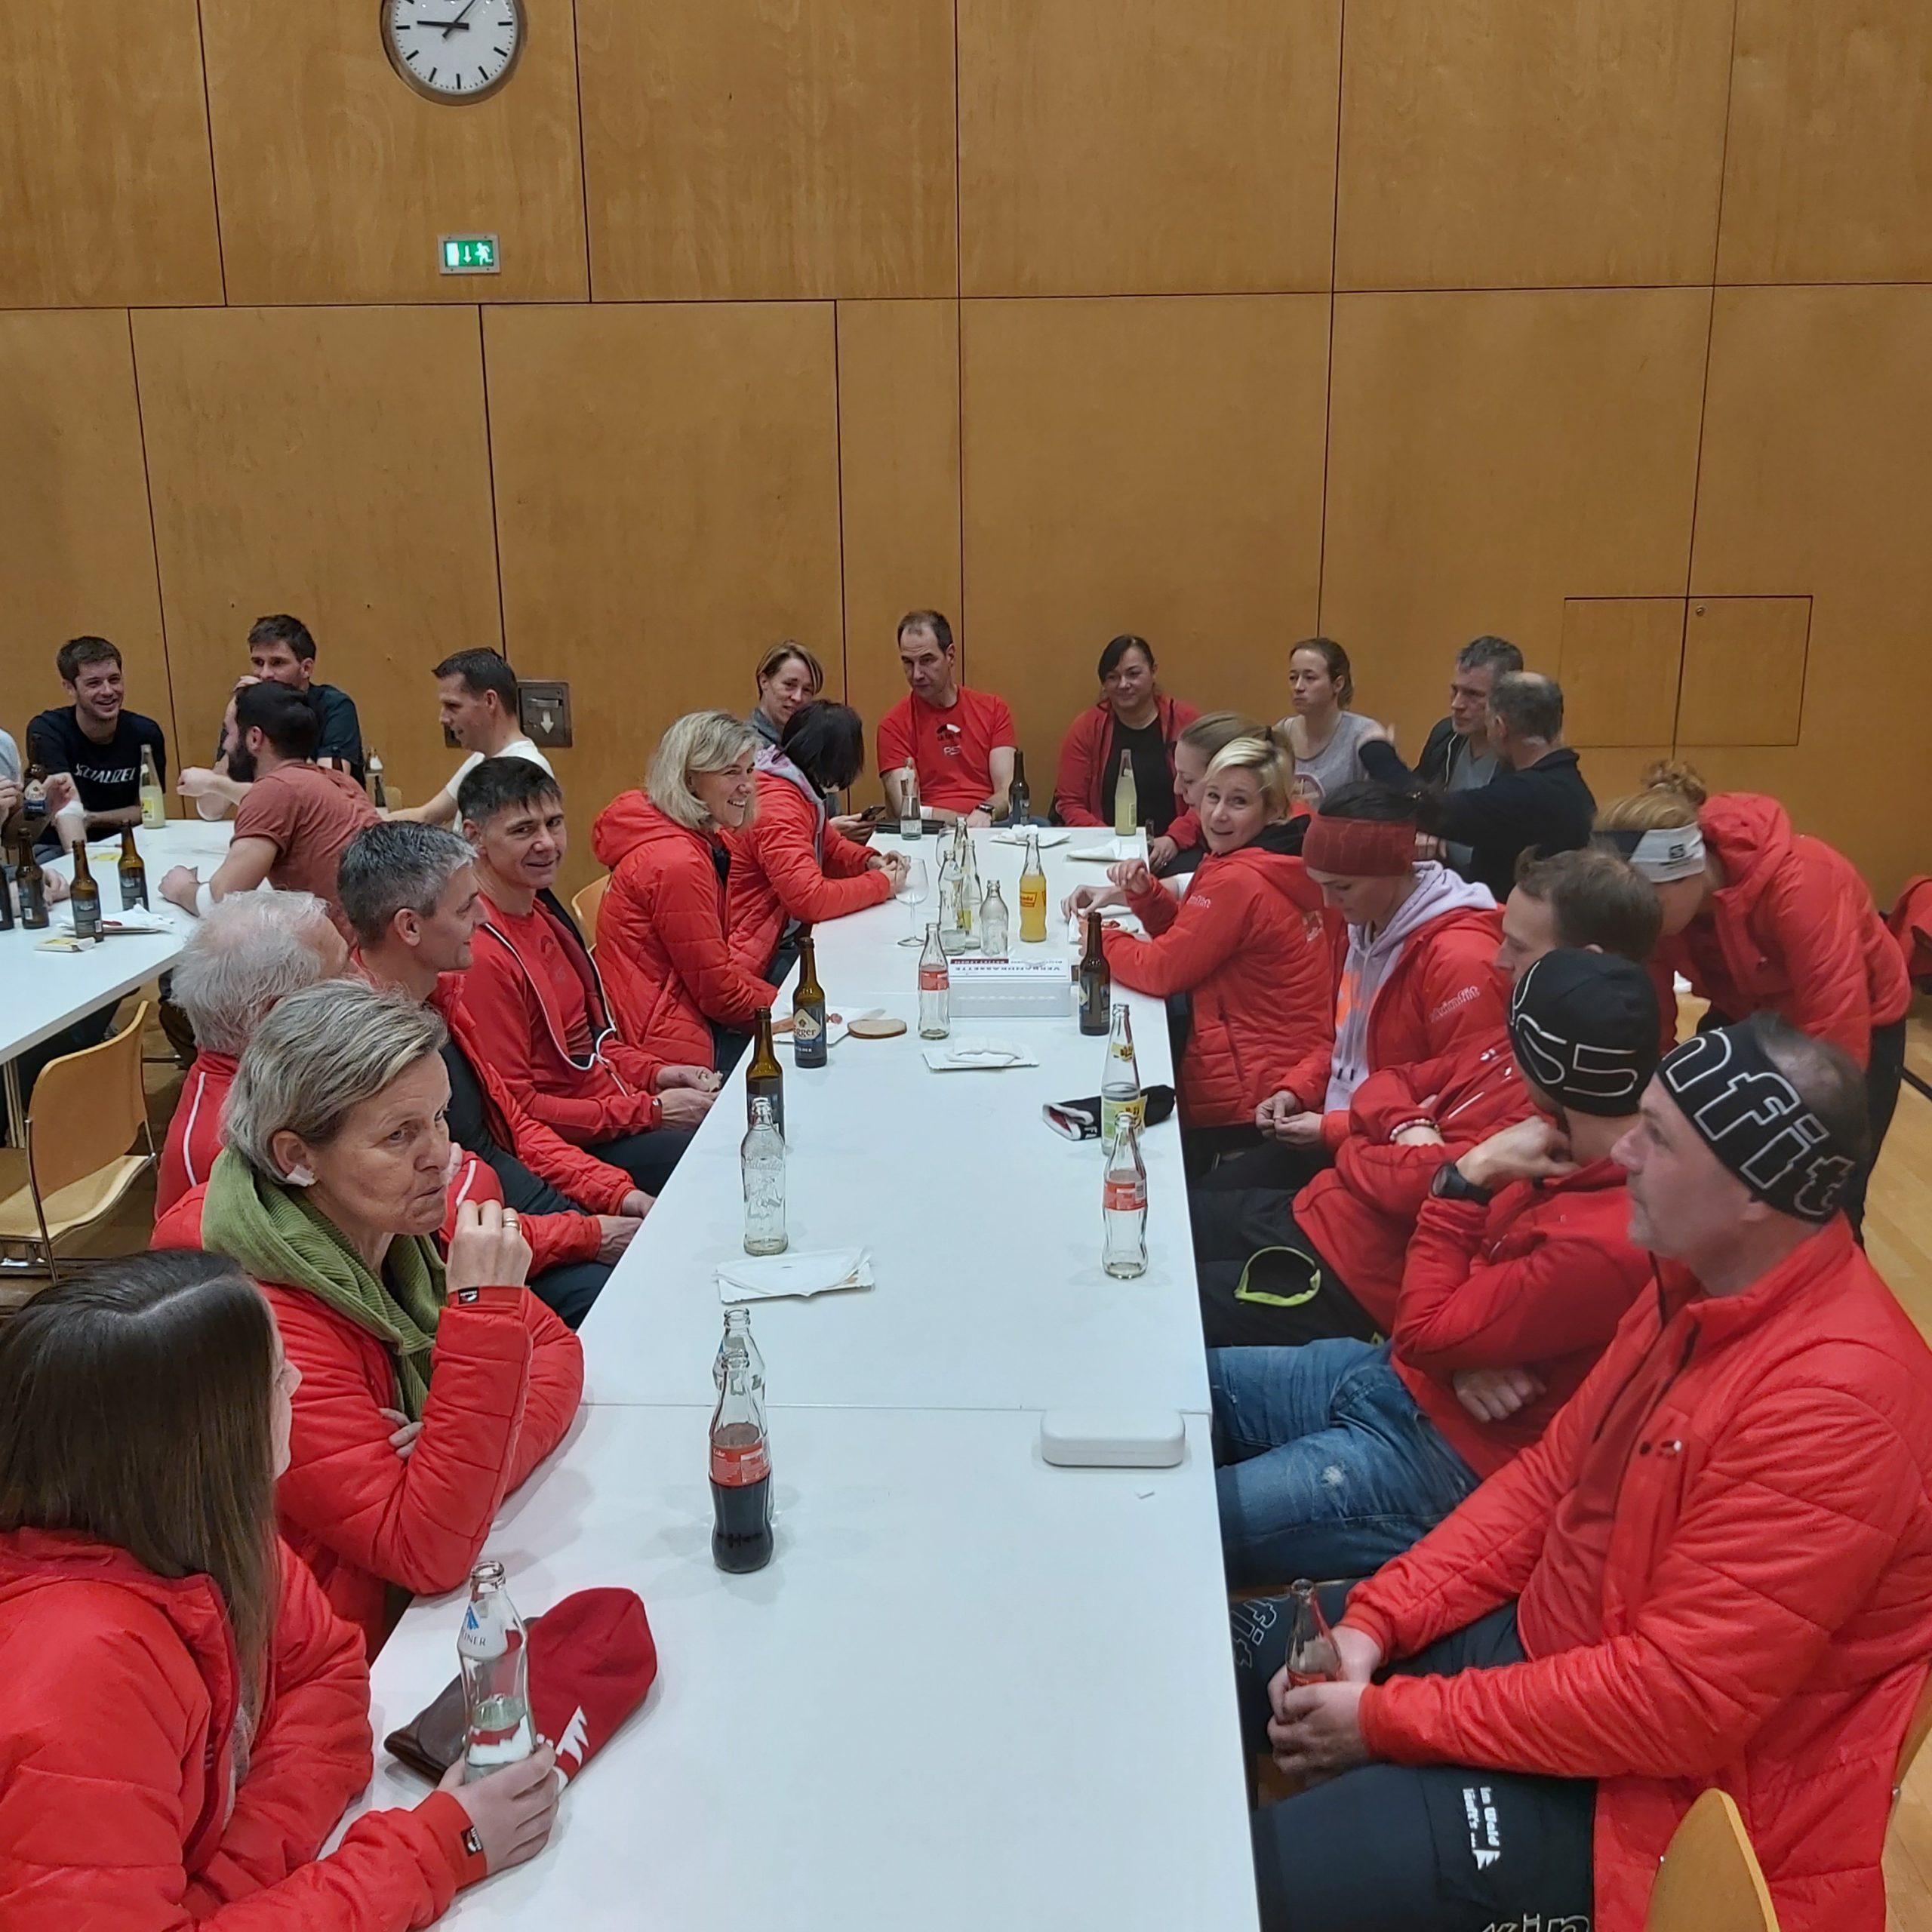 22.01.2020 Mittwochlauf in Lingenau mit Blutspendeaktion